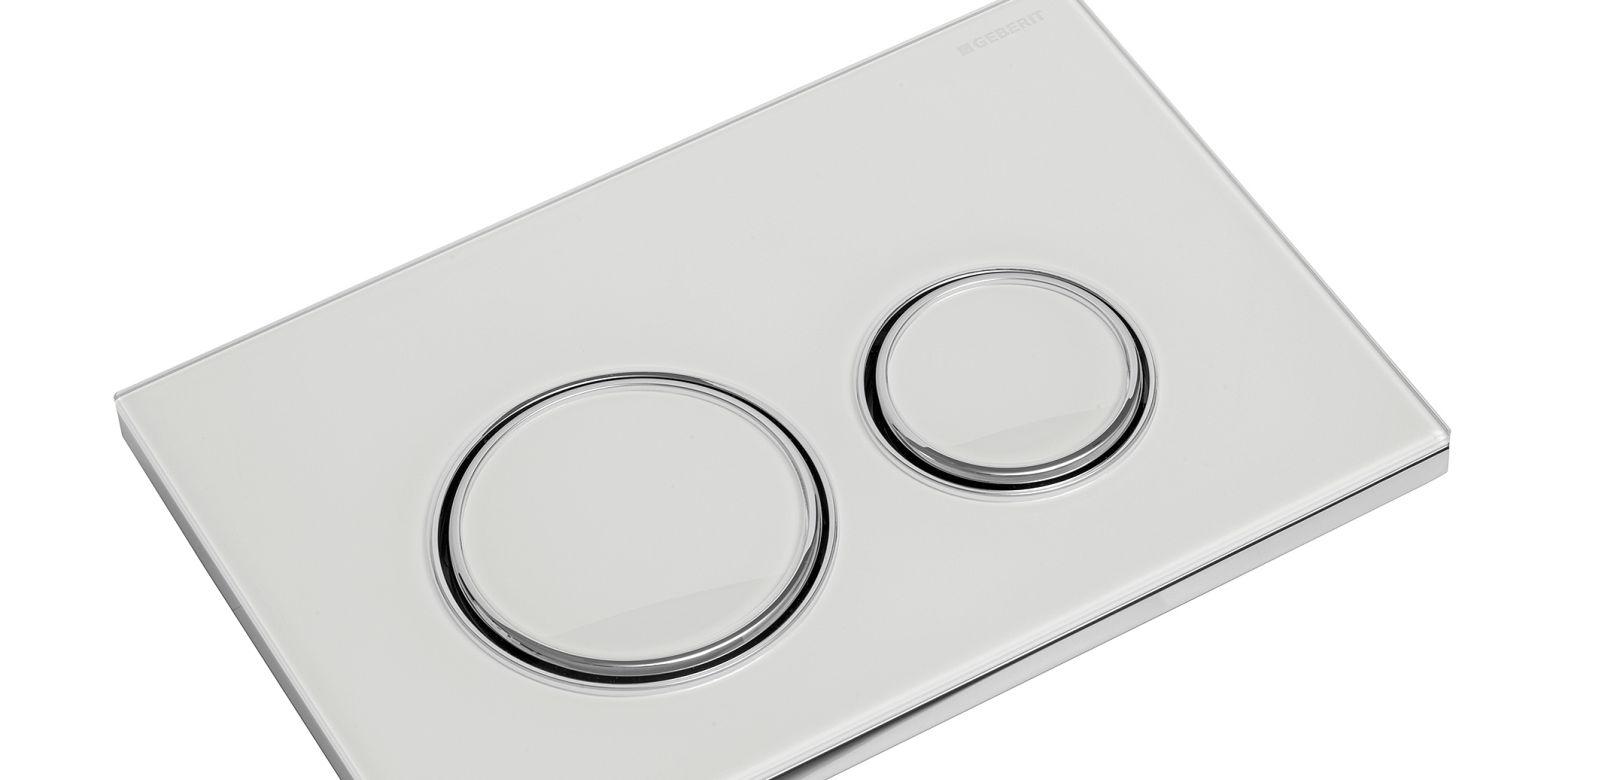 WC Betätigungsplatte in weiß mit zwei runden Zierrahmen aus Zinkdruckguss